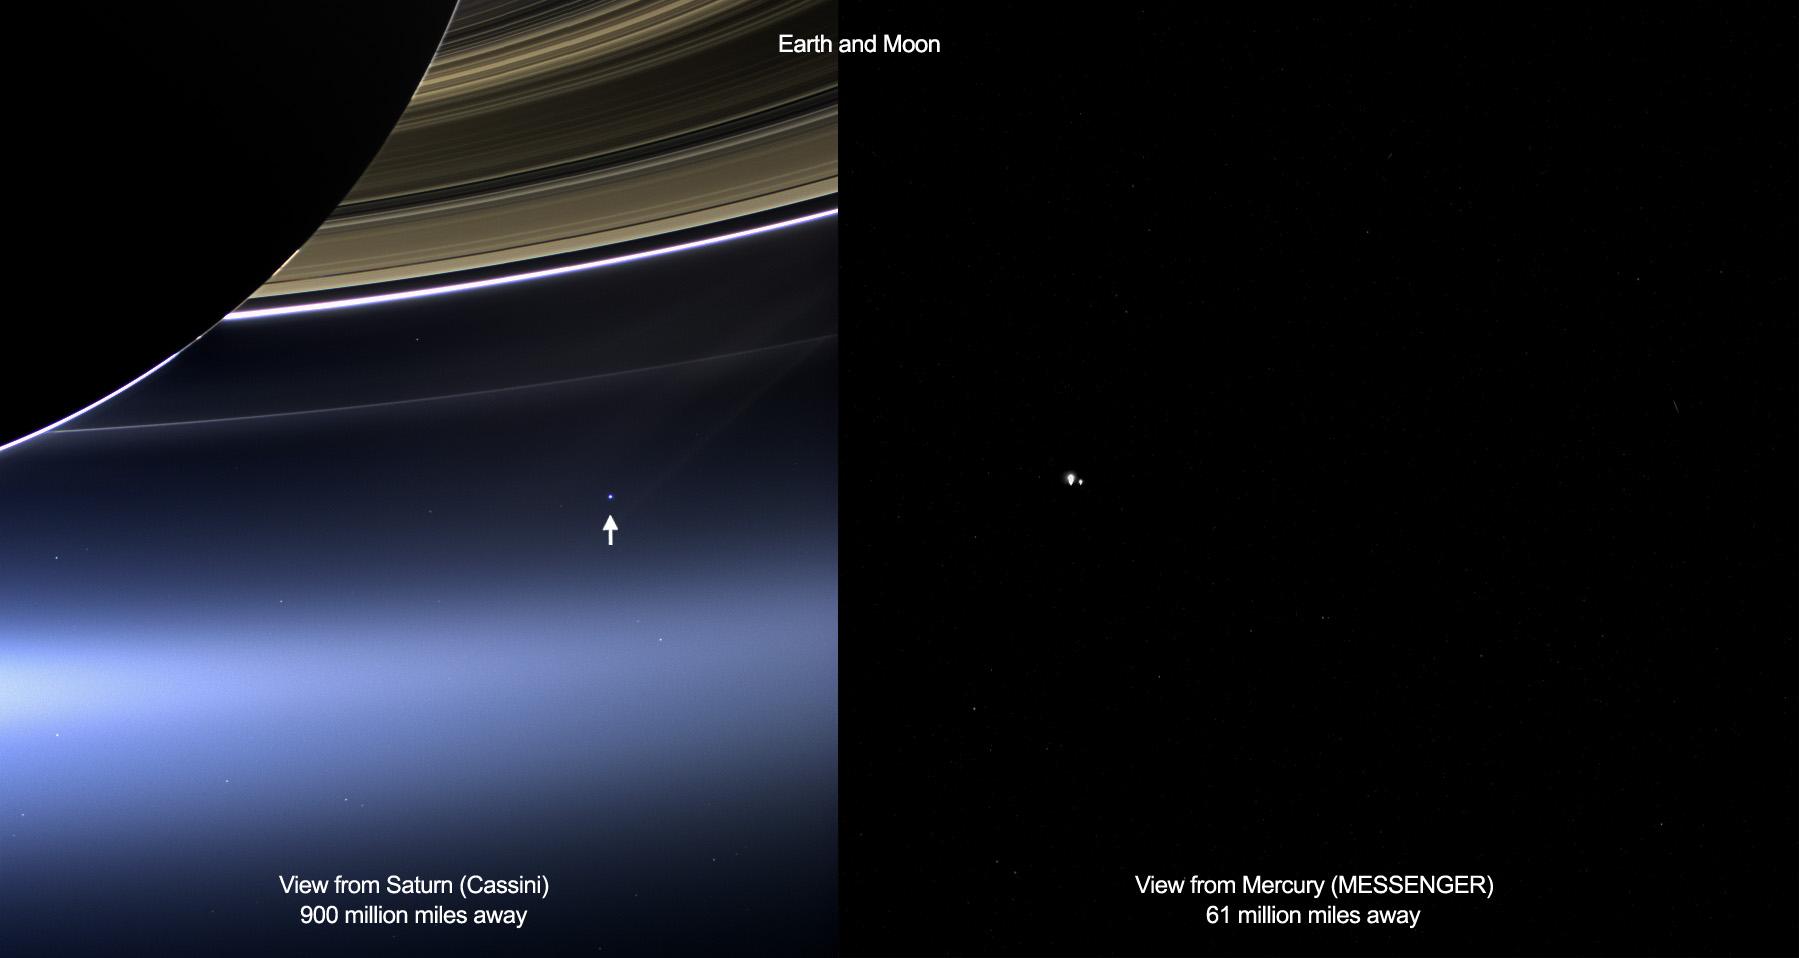 ภาพเหล่านี้แสดงมุมมองของโลกและดวงจันทร์จากCassiniของนาซ่า (ซ้าย) และยาน MESSENGER (ขวา) จาก 19 กรกฎาคม ค.ศ.2013